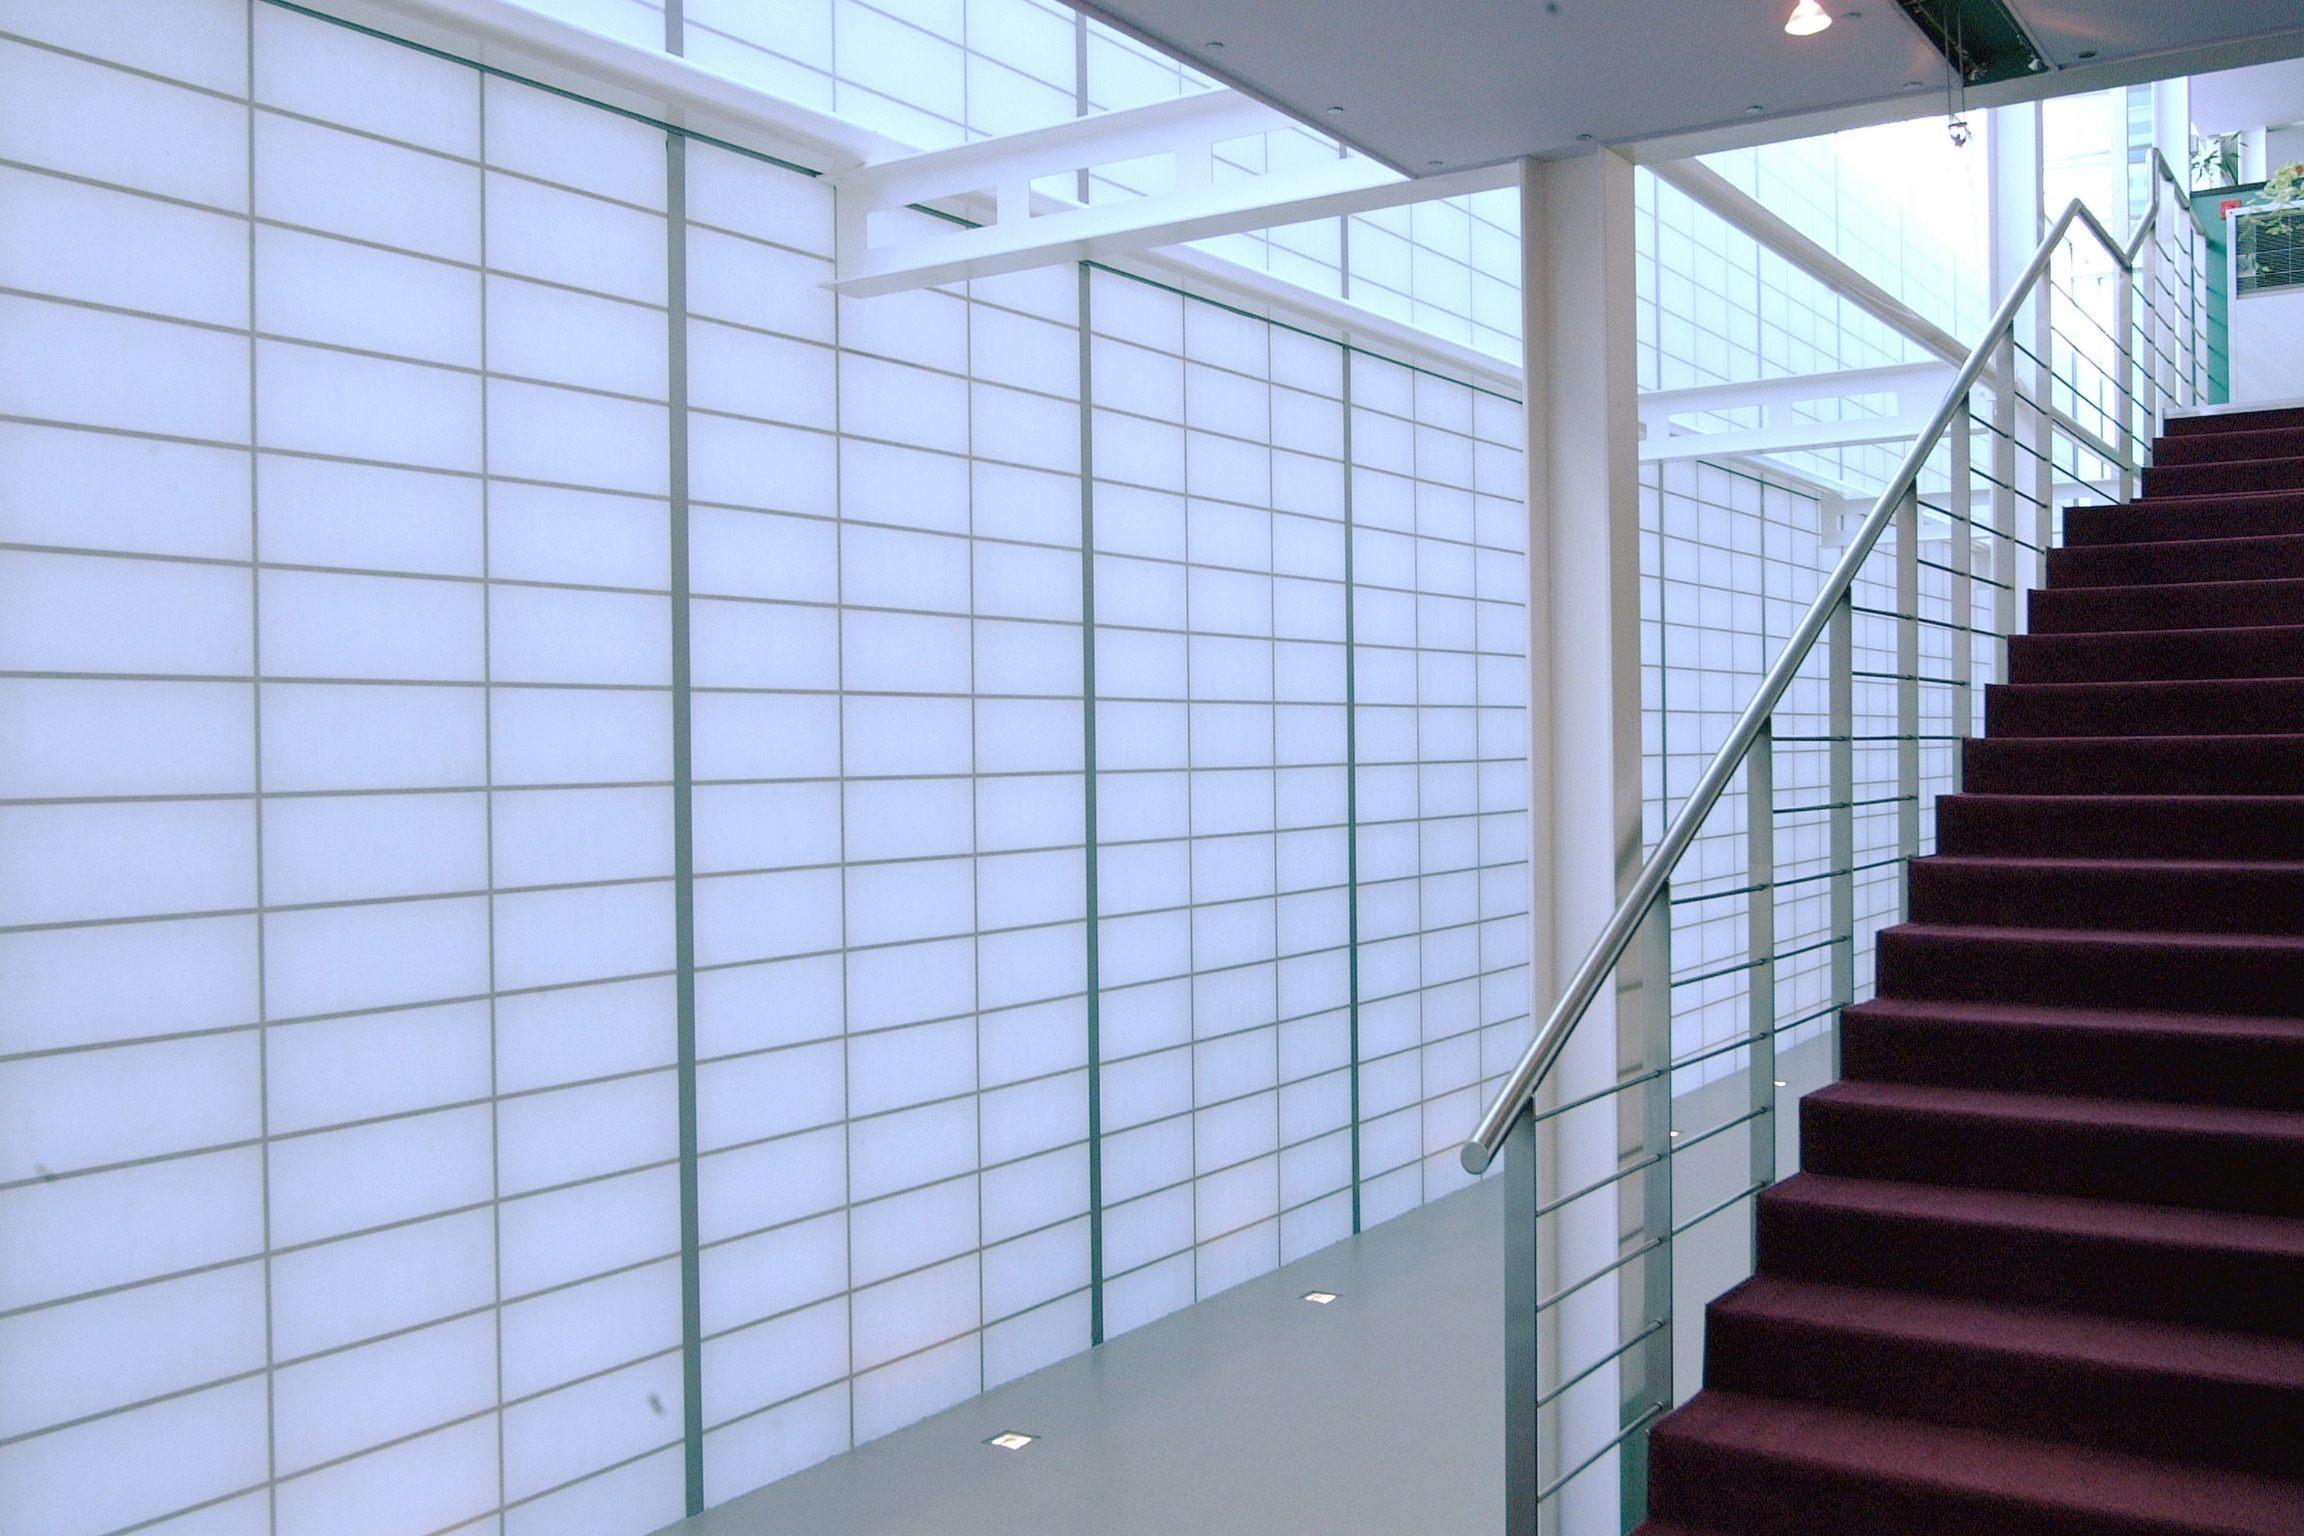 Kalwall Revolutionizes Energy Saving Daylighting Systems